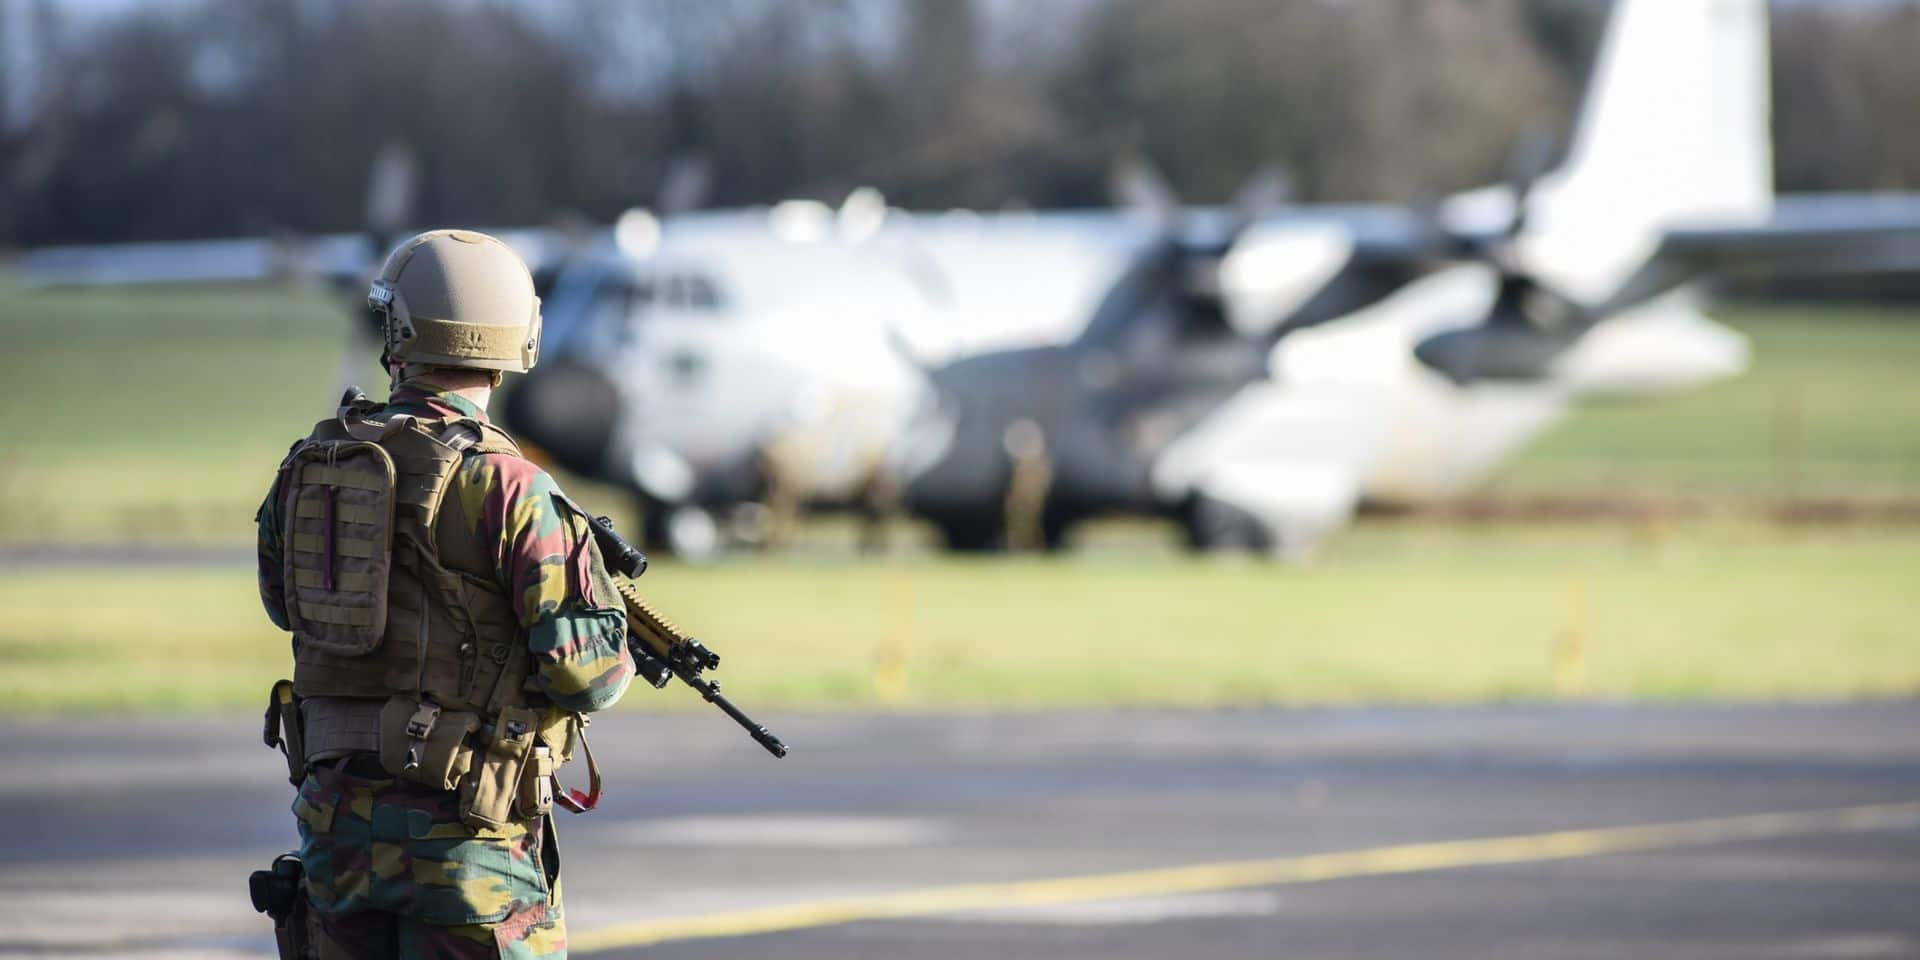 """""""Entre 200 et 300 euros nets d'augmentation mensuelle pour certains adjudants"""": les militaires se félicitent de leur revalorisation salariale"""